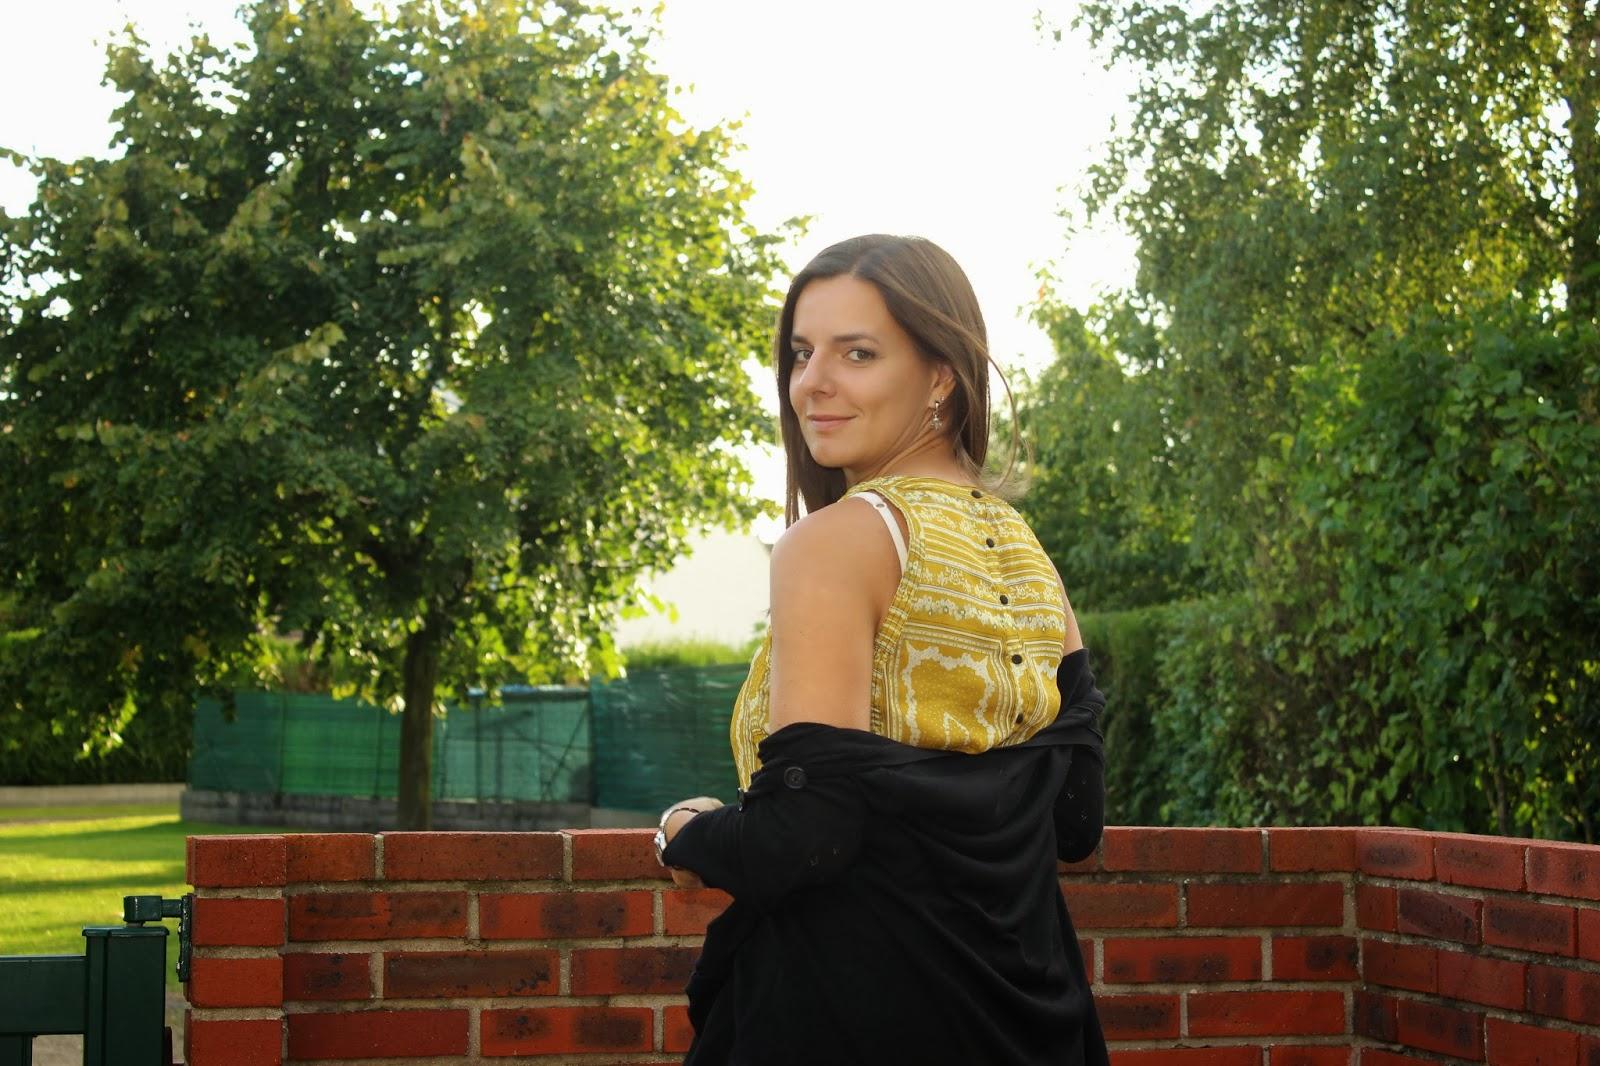 Robe bicolore jaune brocard See u soon